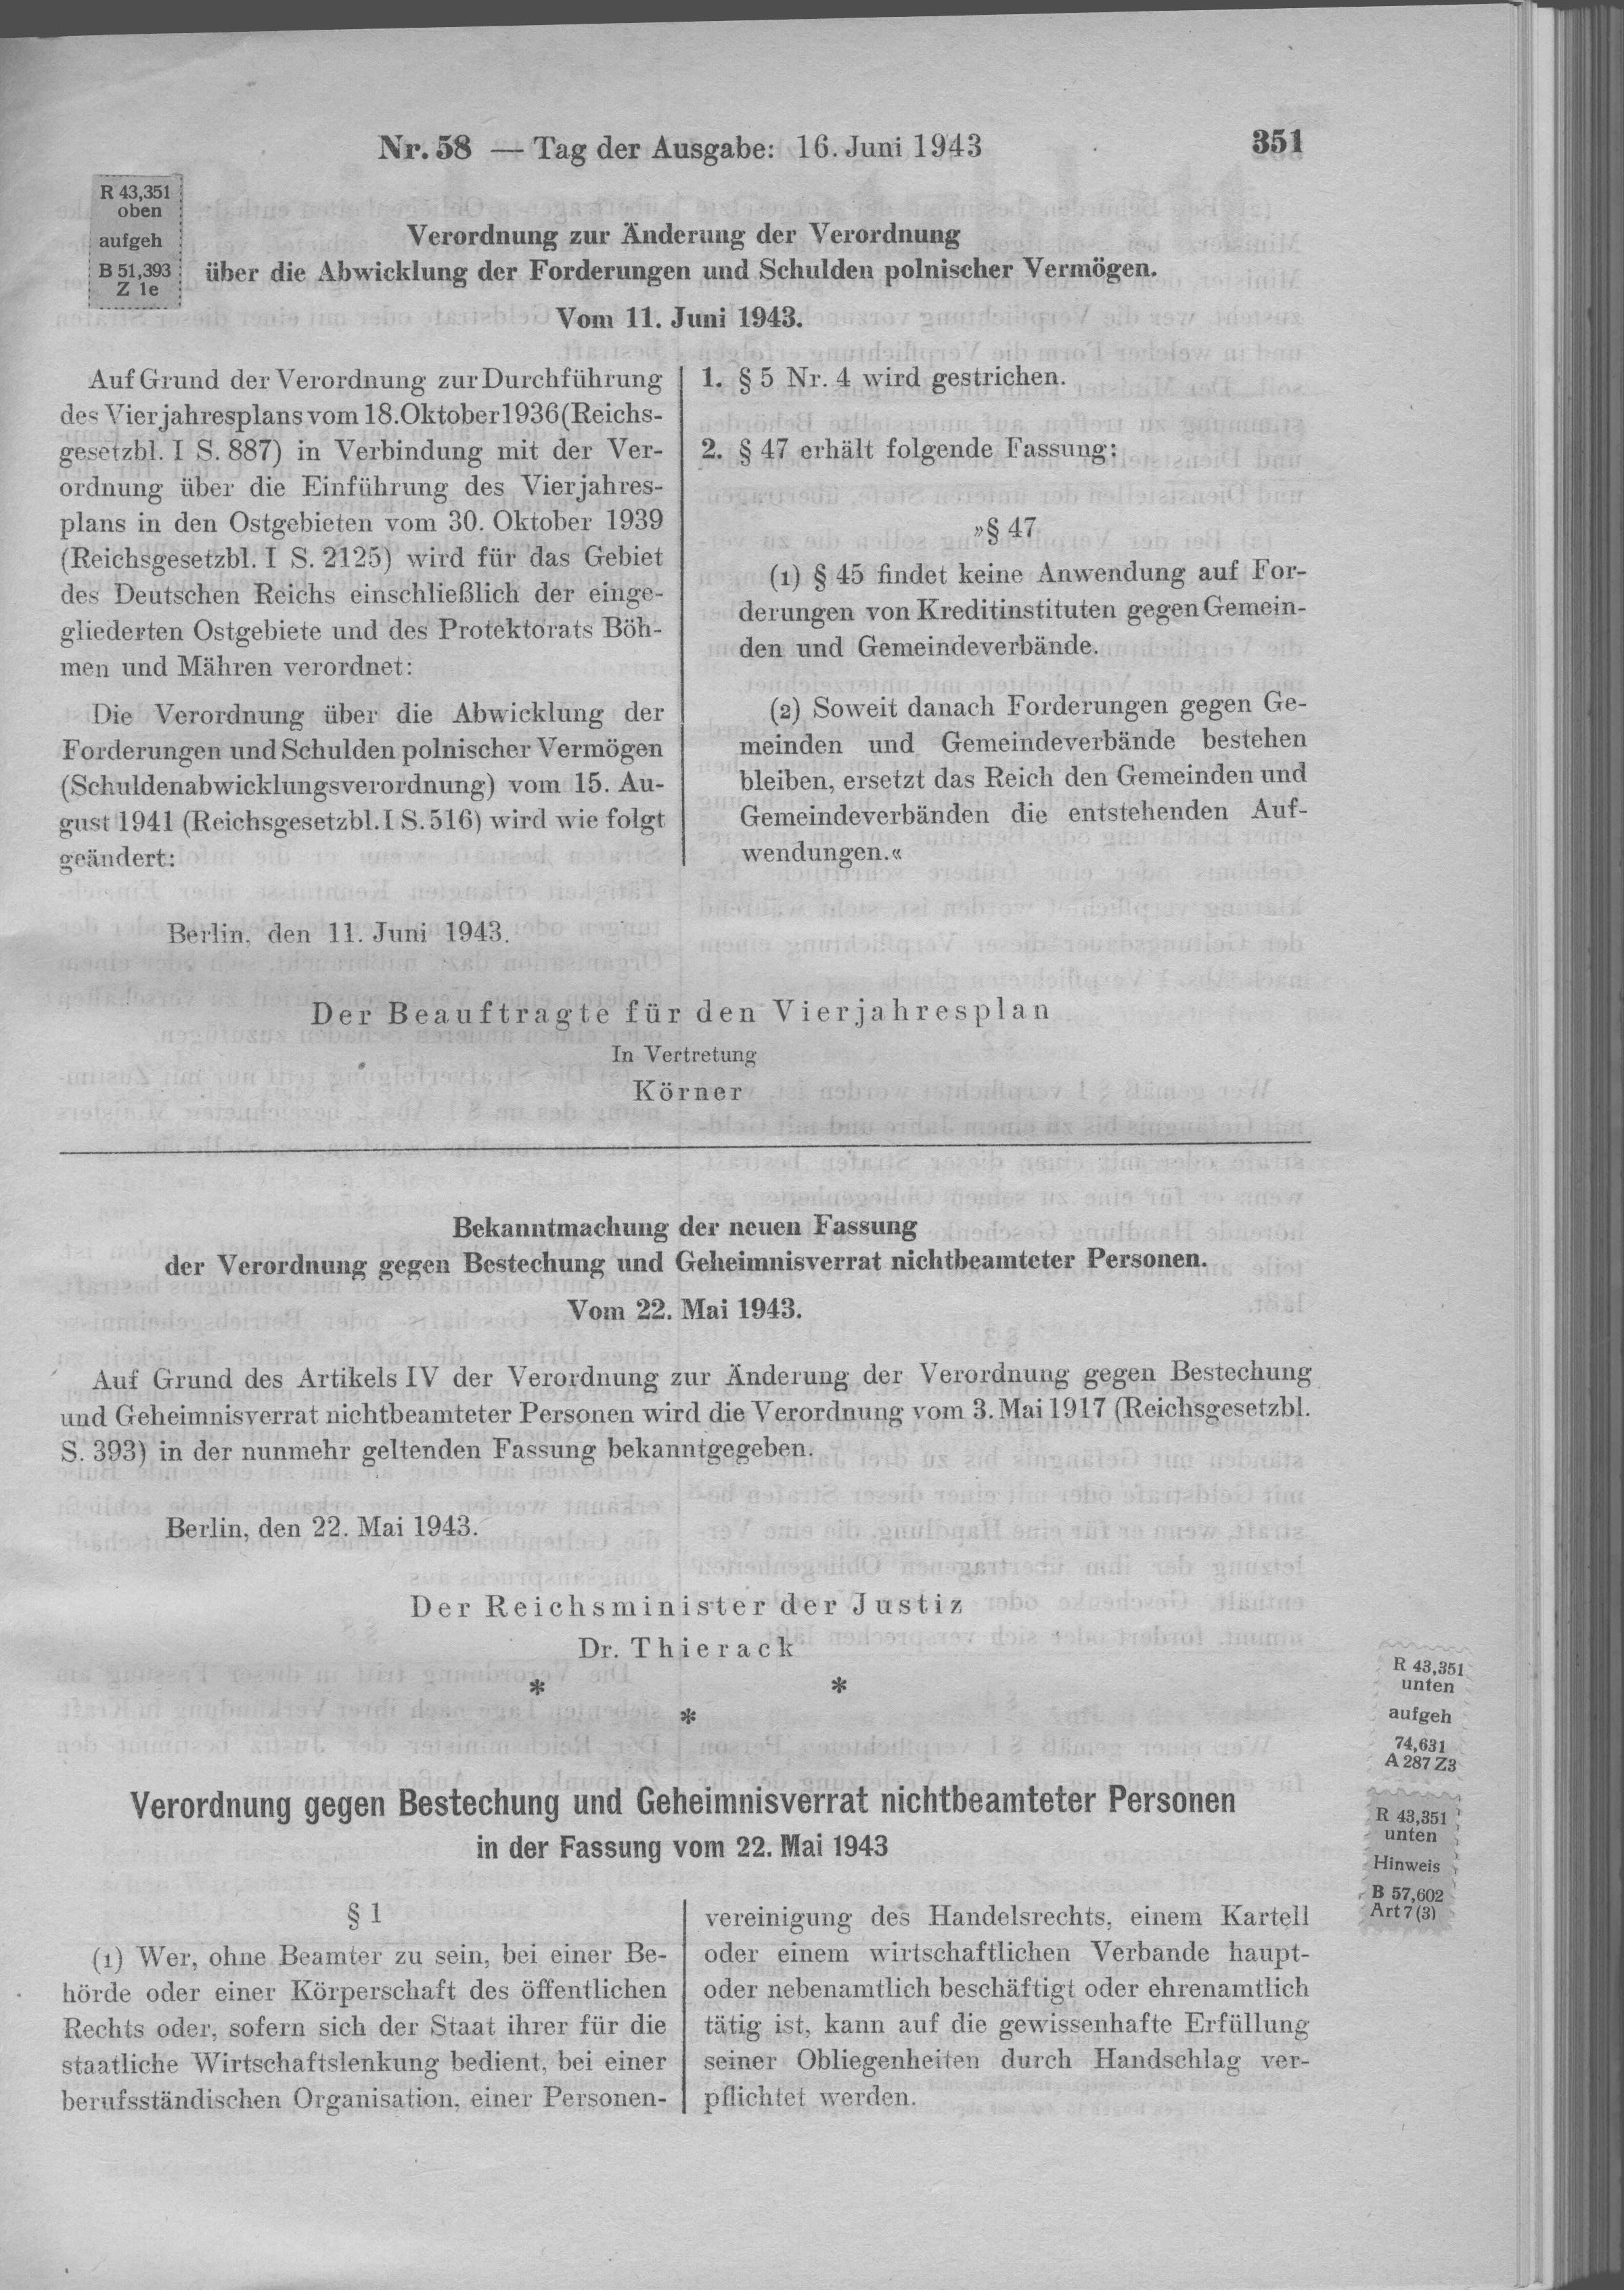 File:Deutsches Reichsgesetzblatt 43T1 058 0351.jpg - Wikimedia Commons